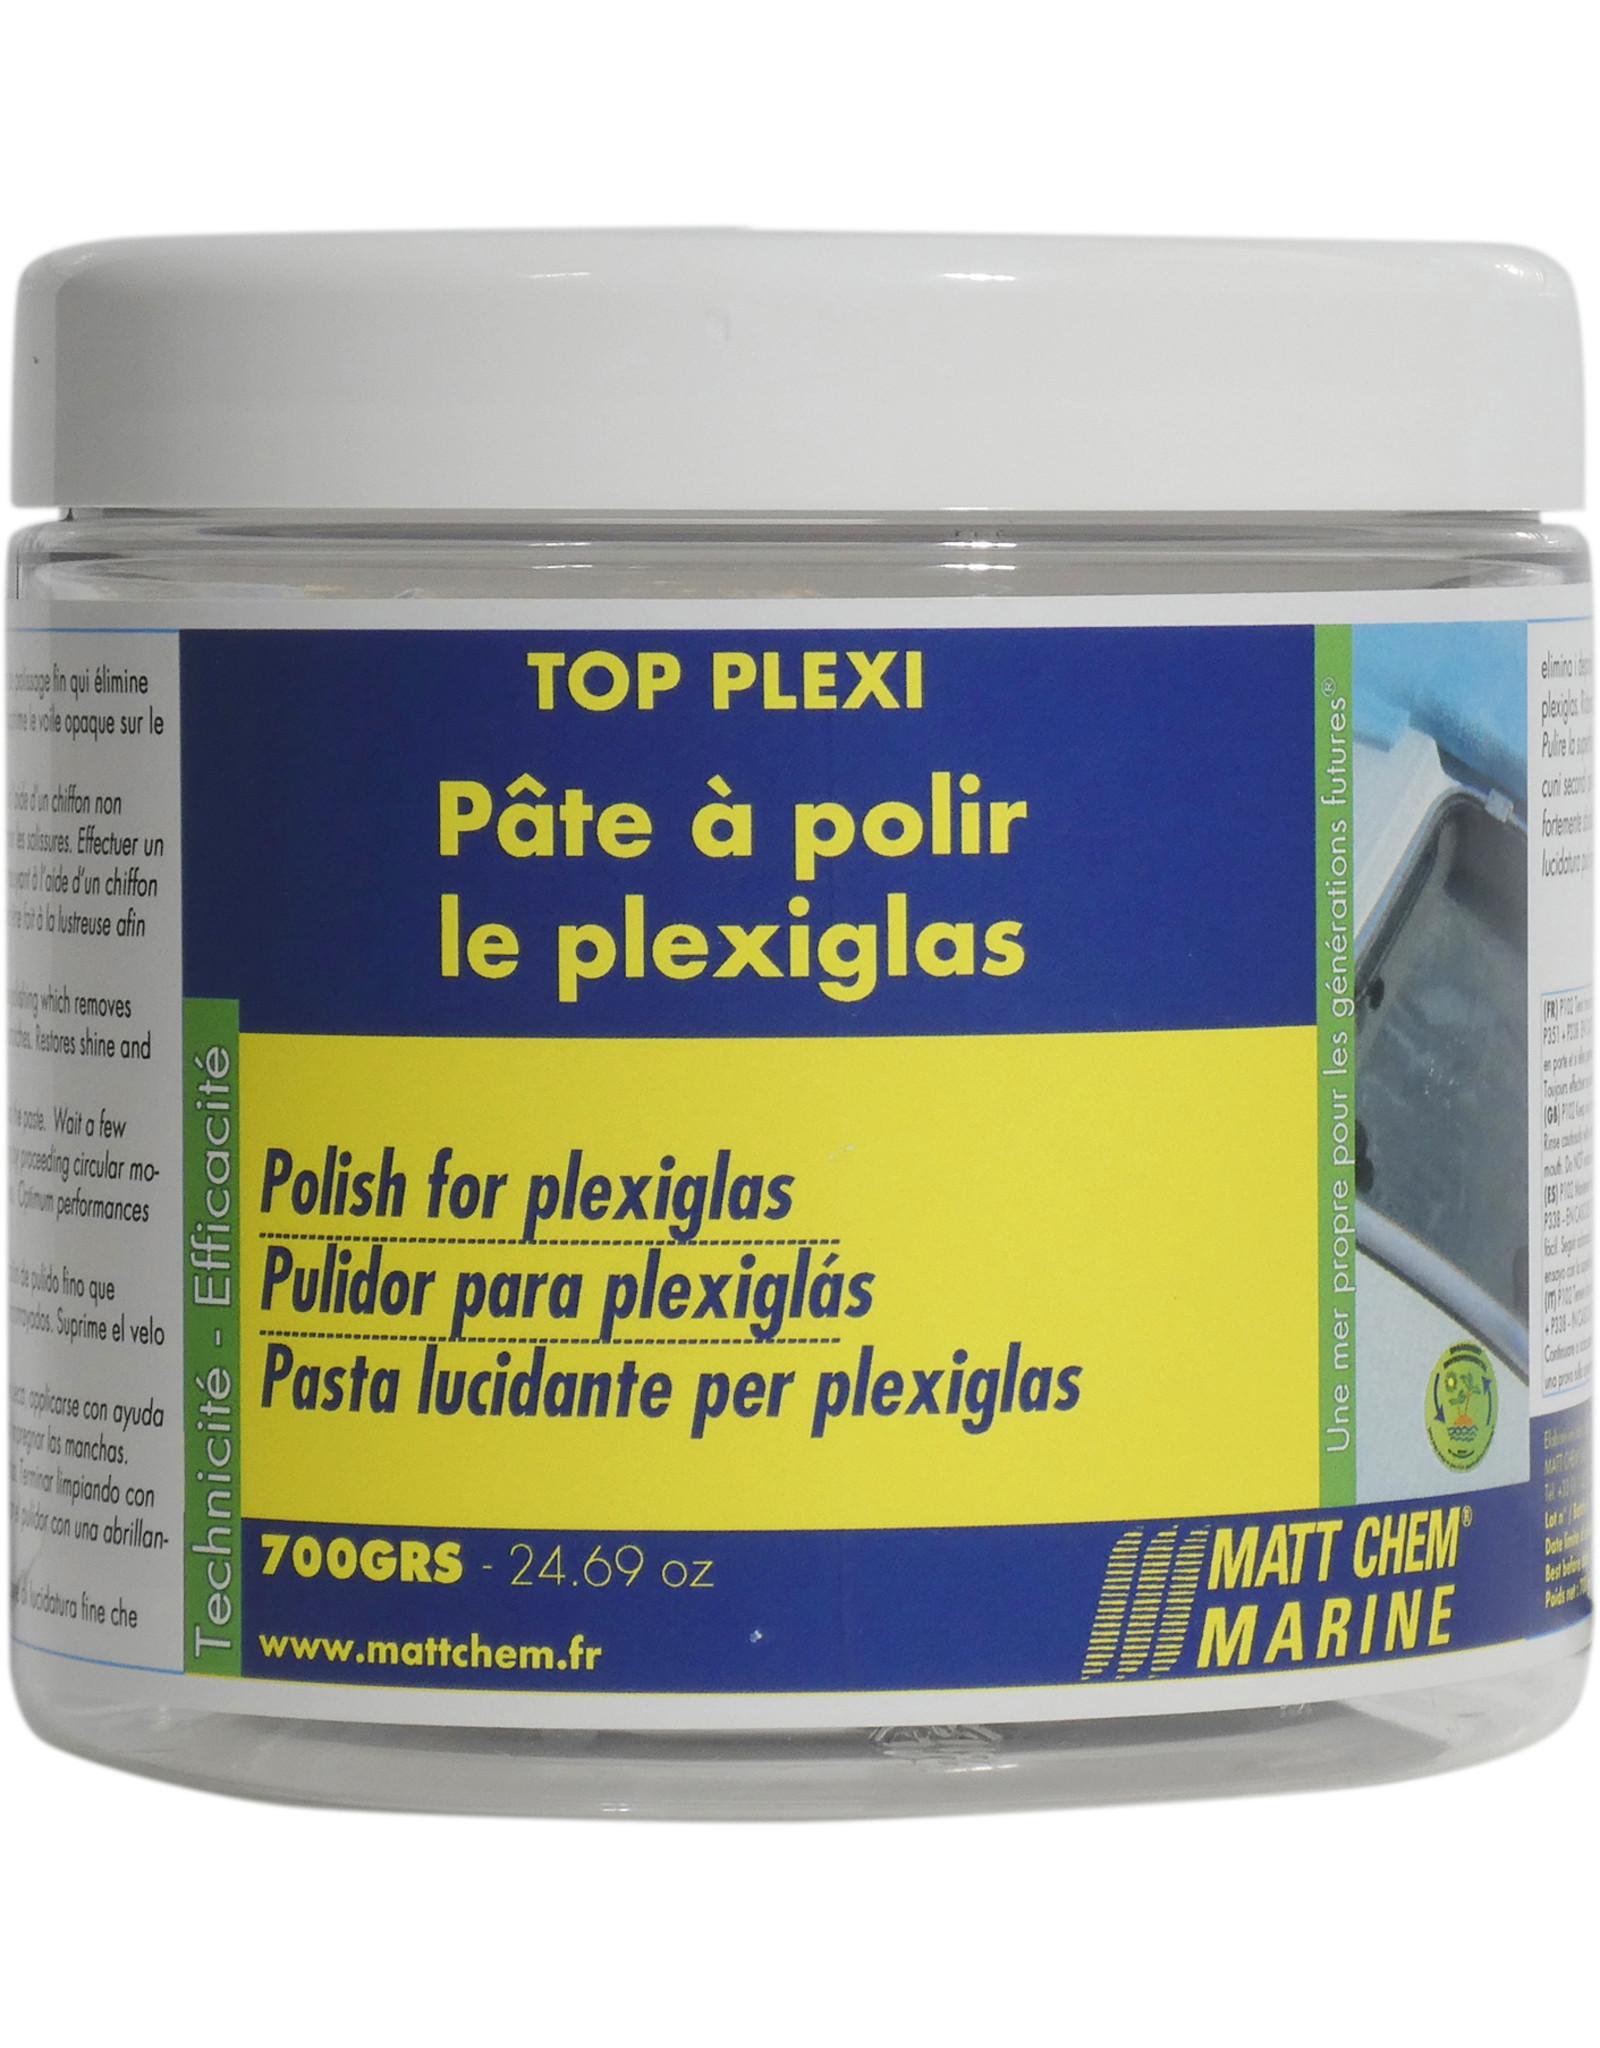 Matt Chem Marine TOP PLEXI 500ml